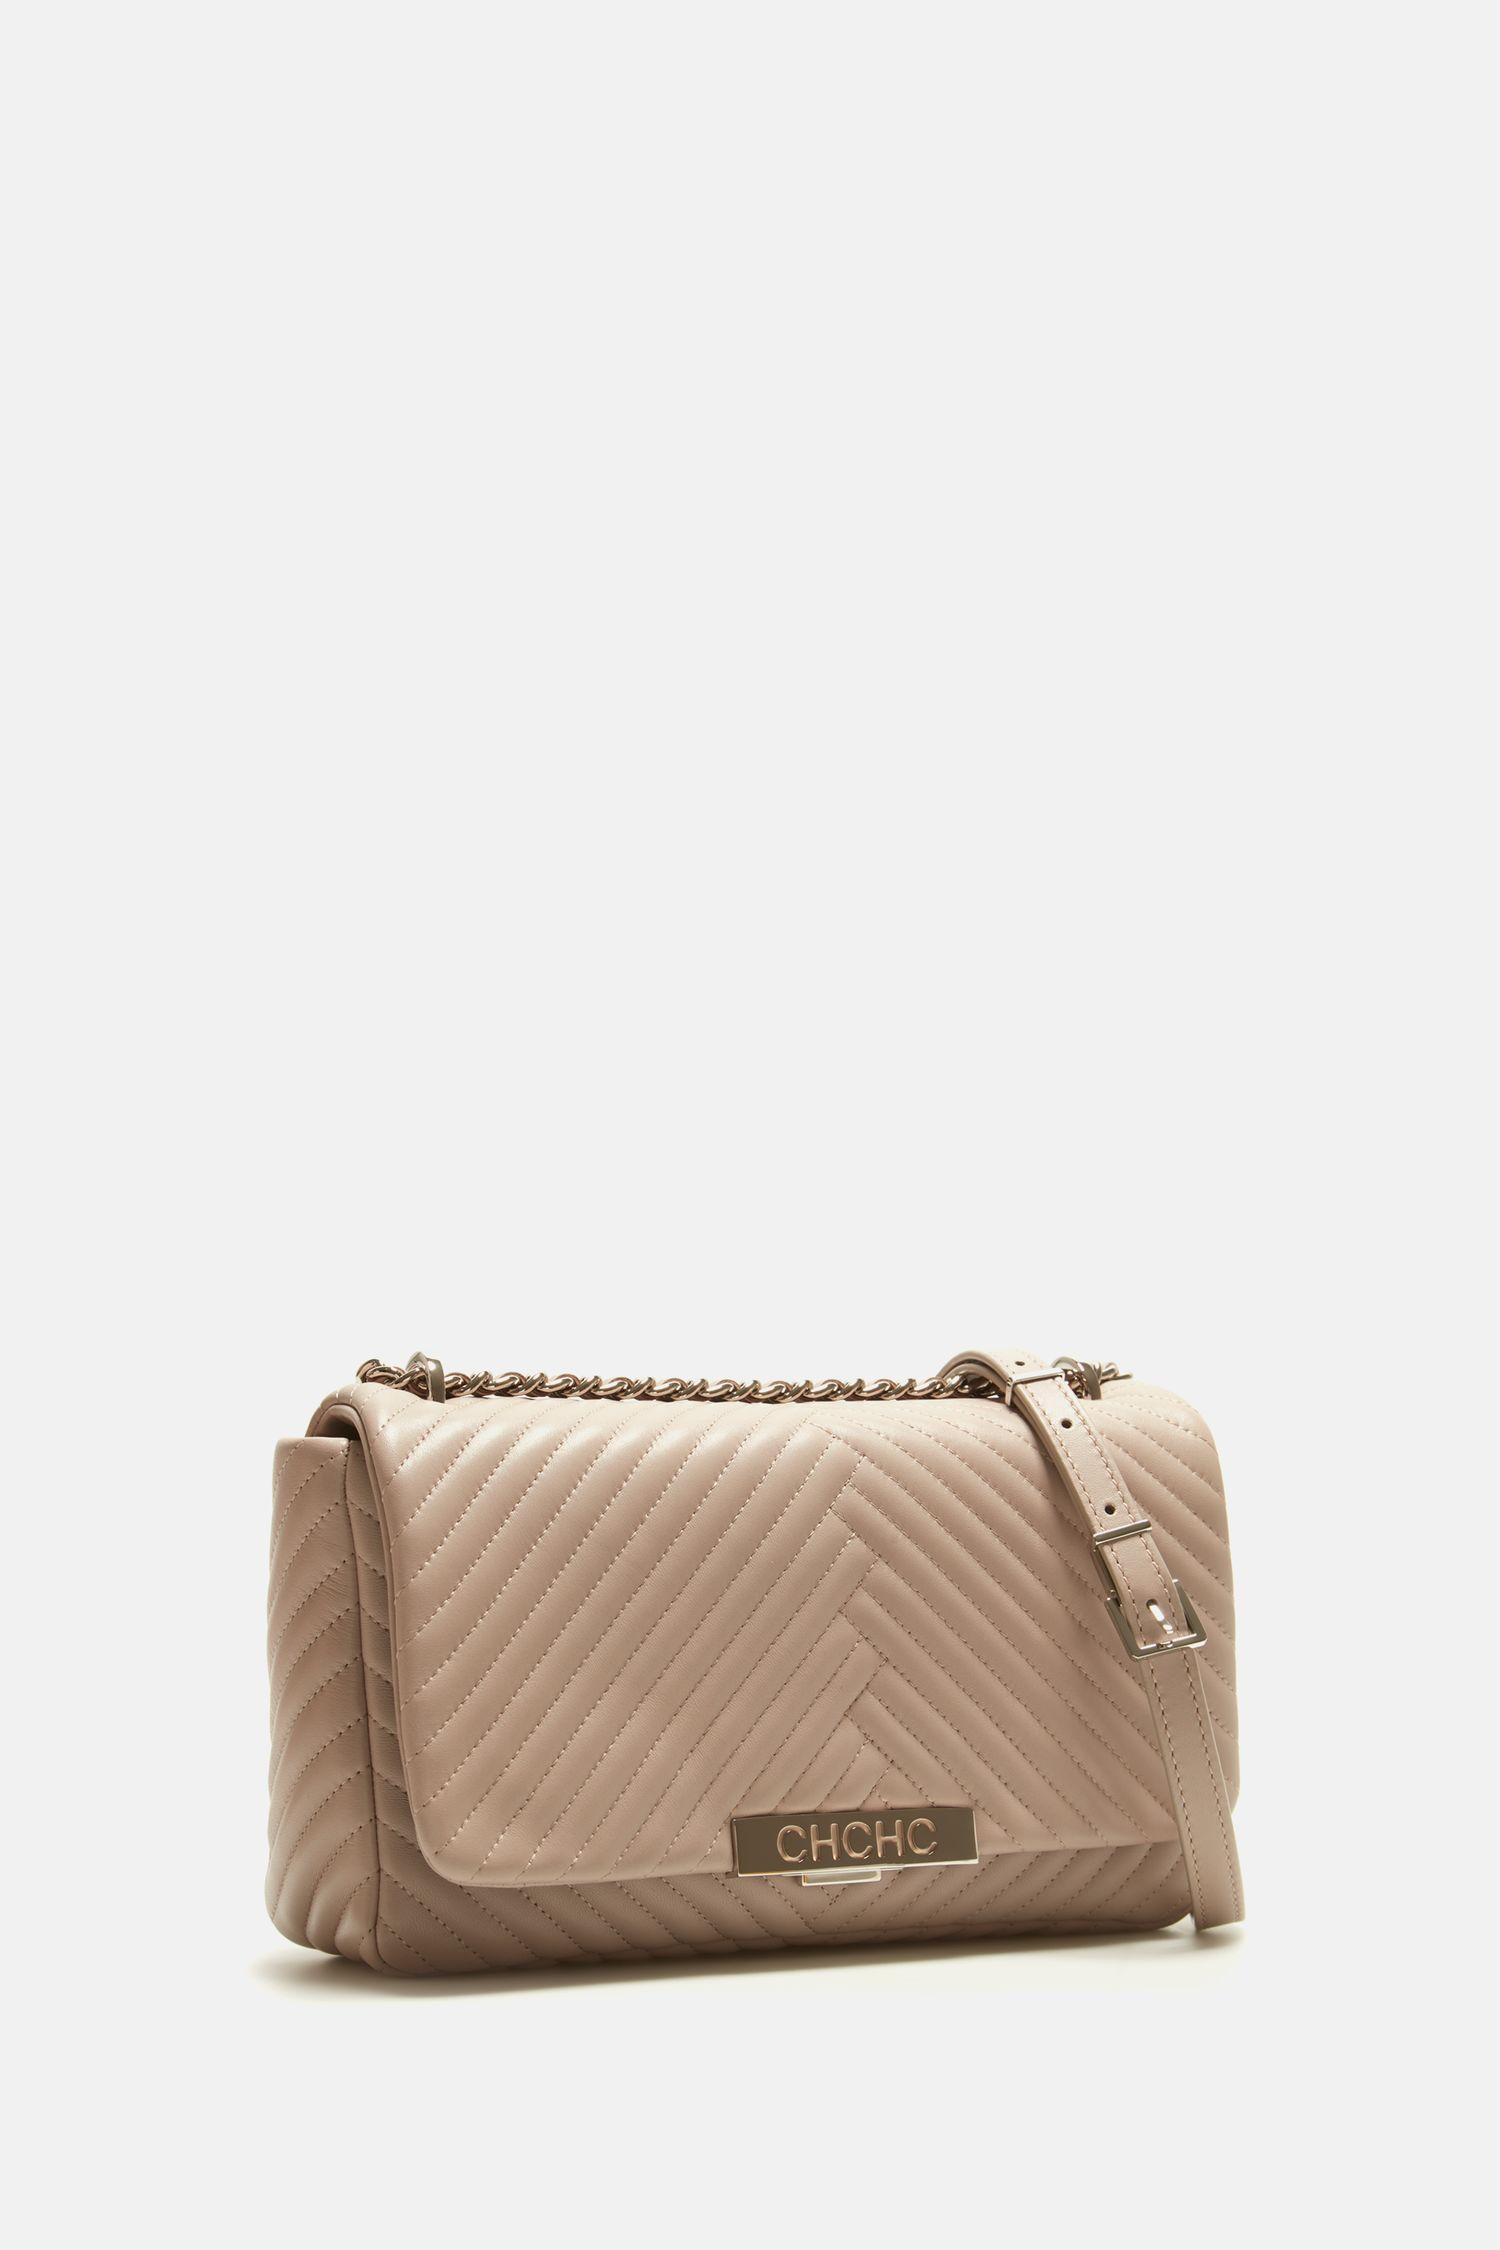 Bimba 10 | Medium cross body bag